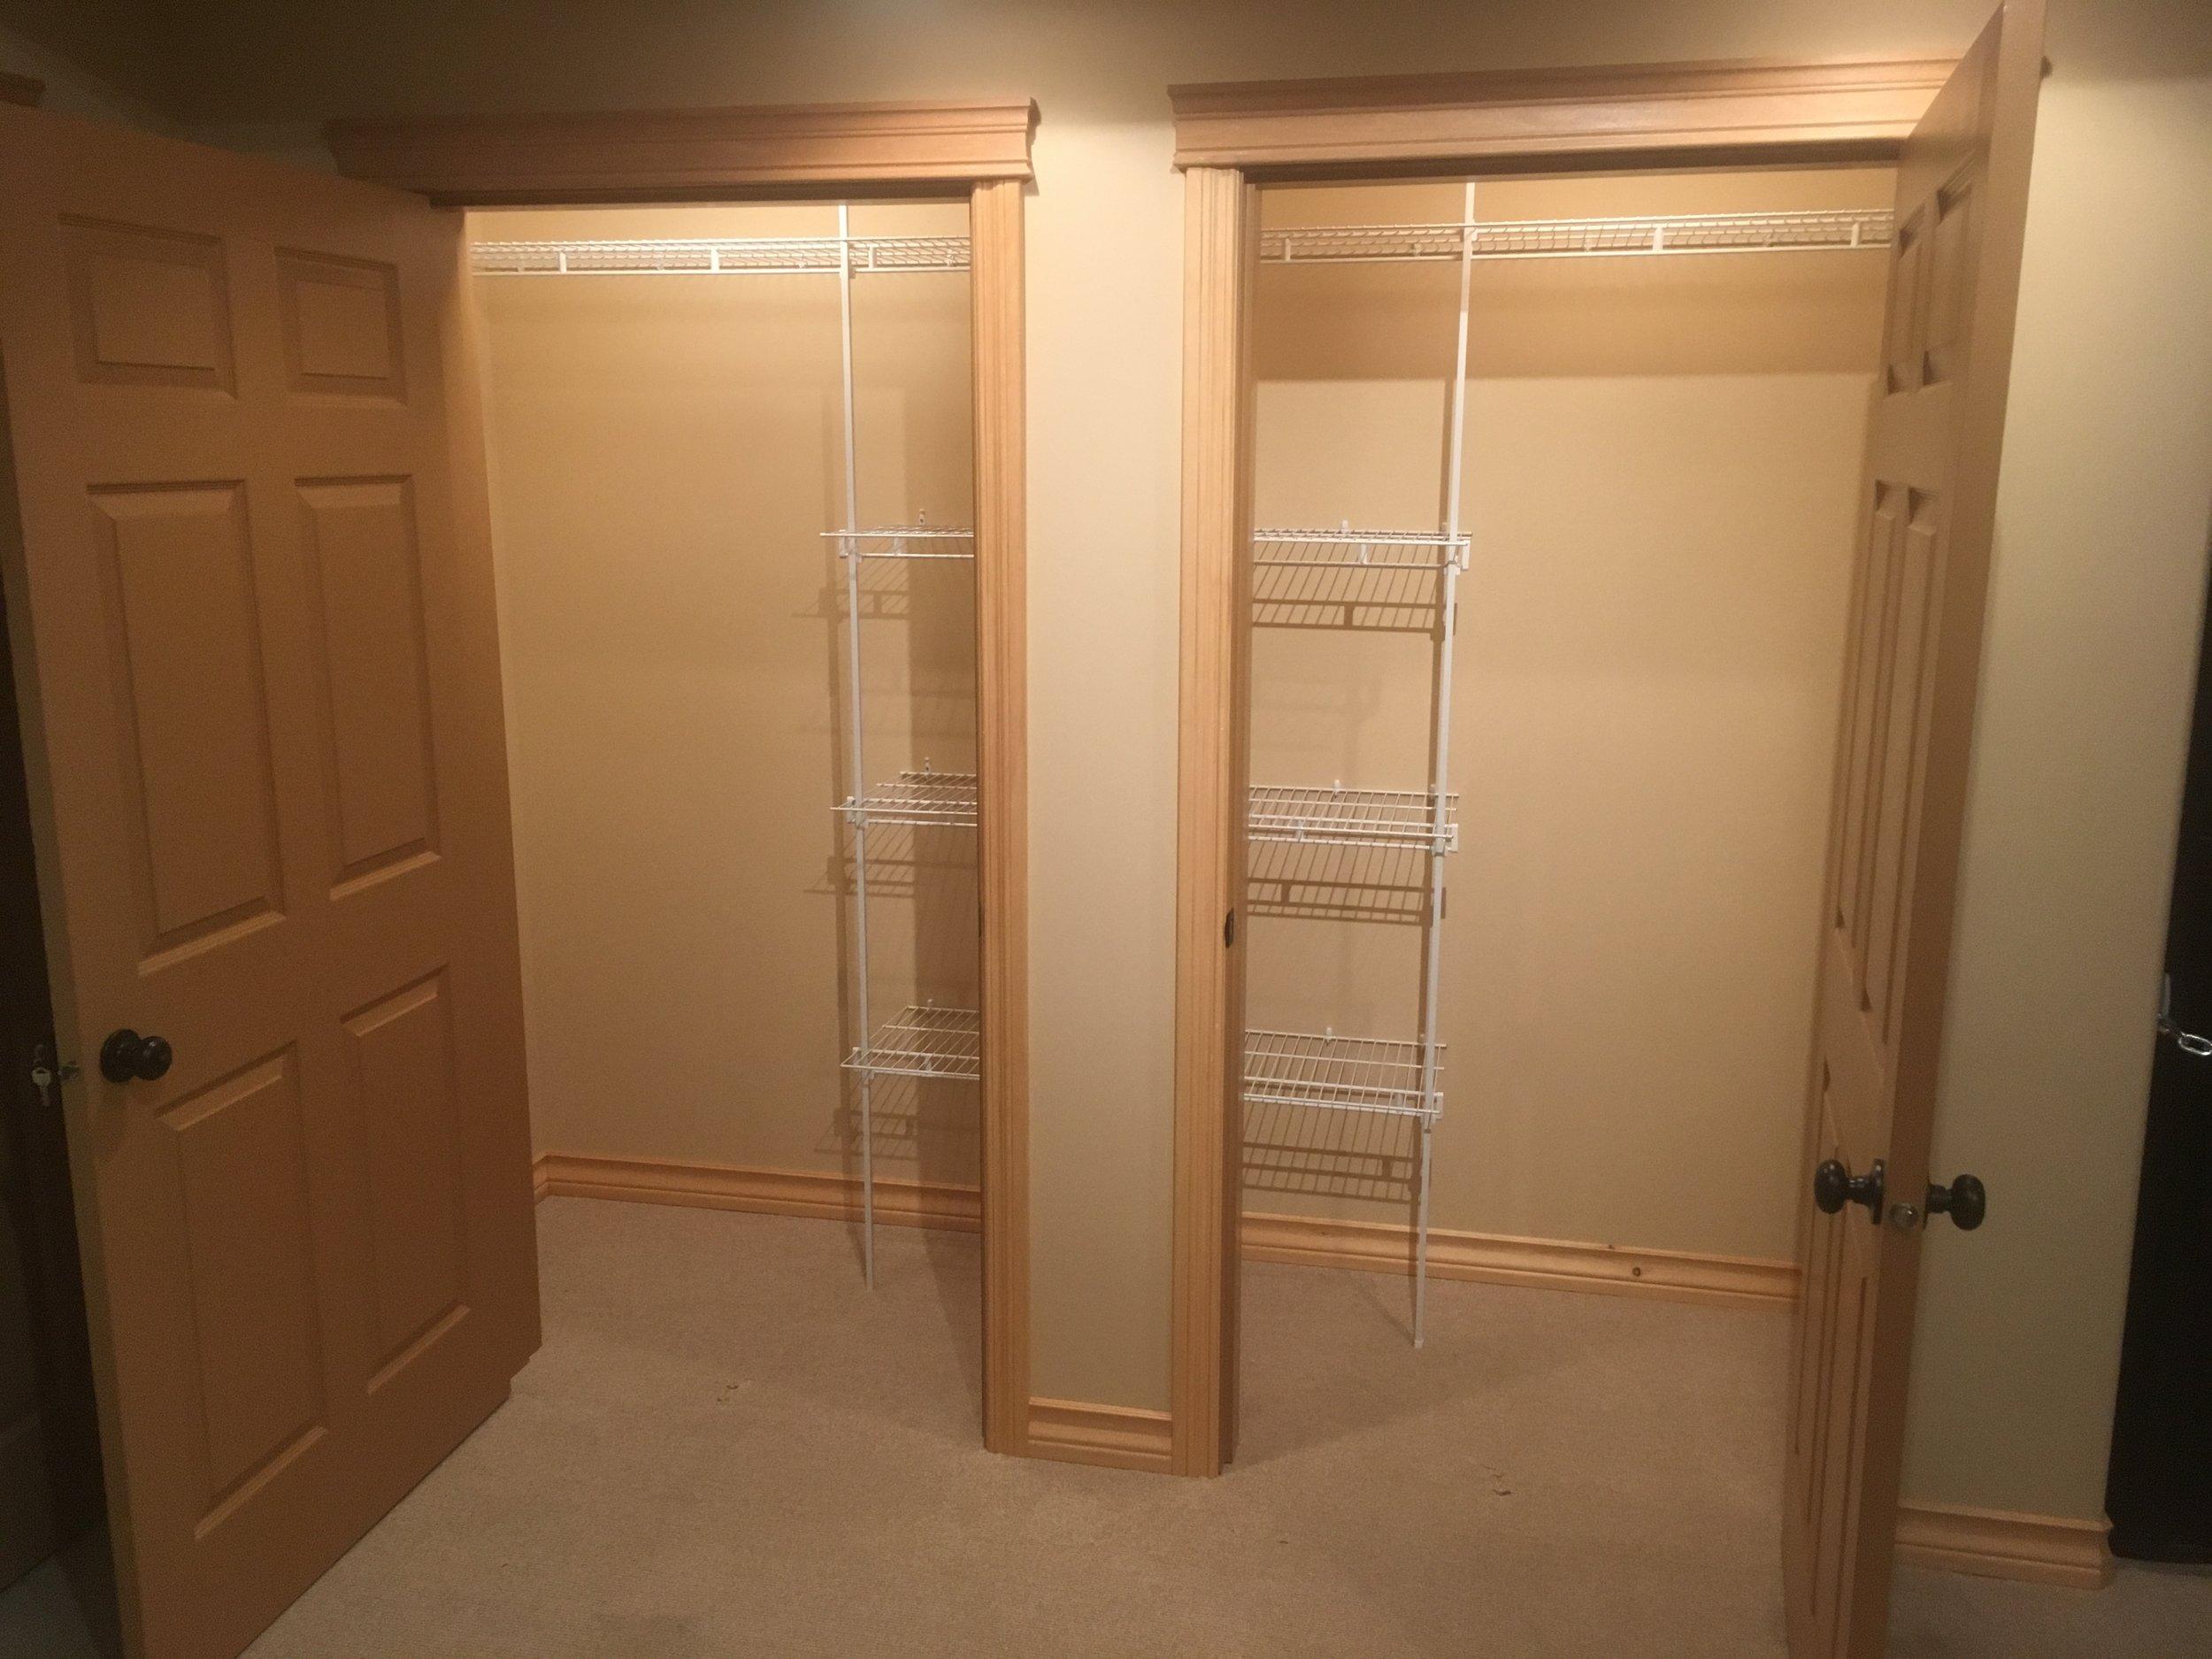 Closet & laundry room renovations in Kimberley, BC.